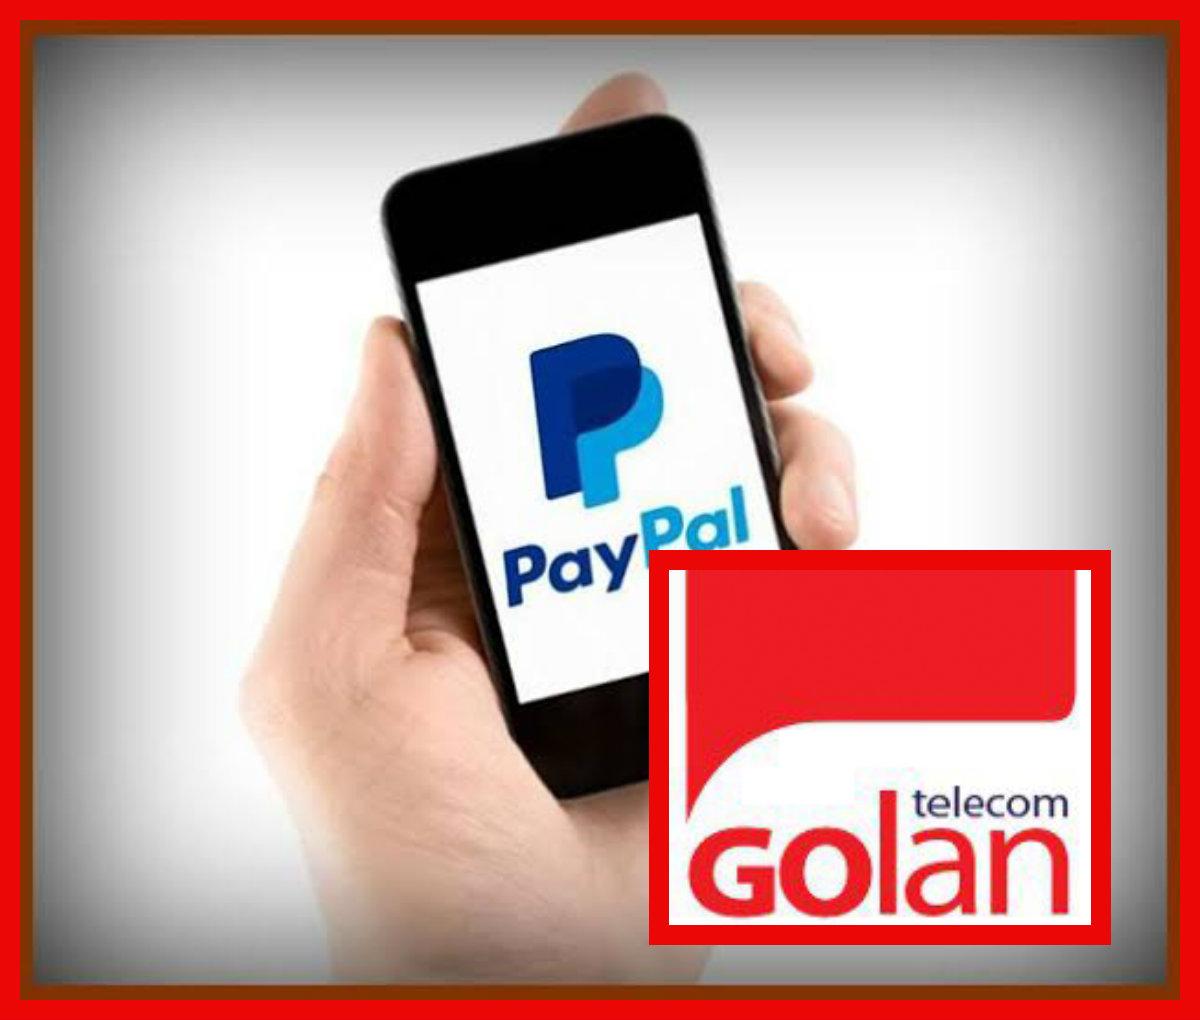 Golan Telecom платить за услуги с помощью PayPal